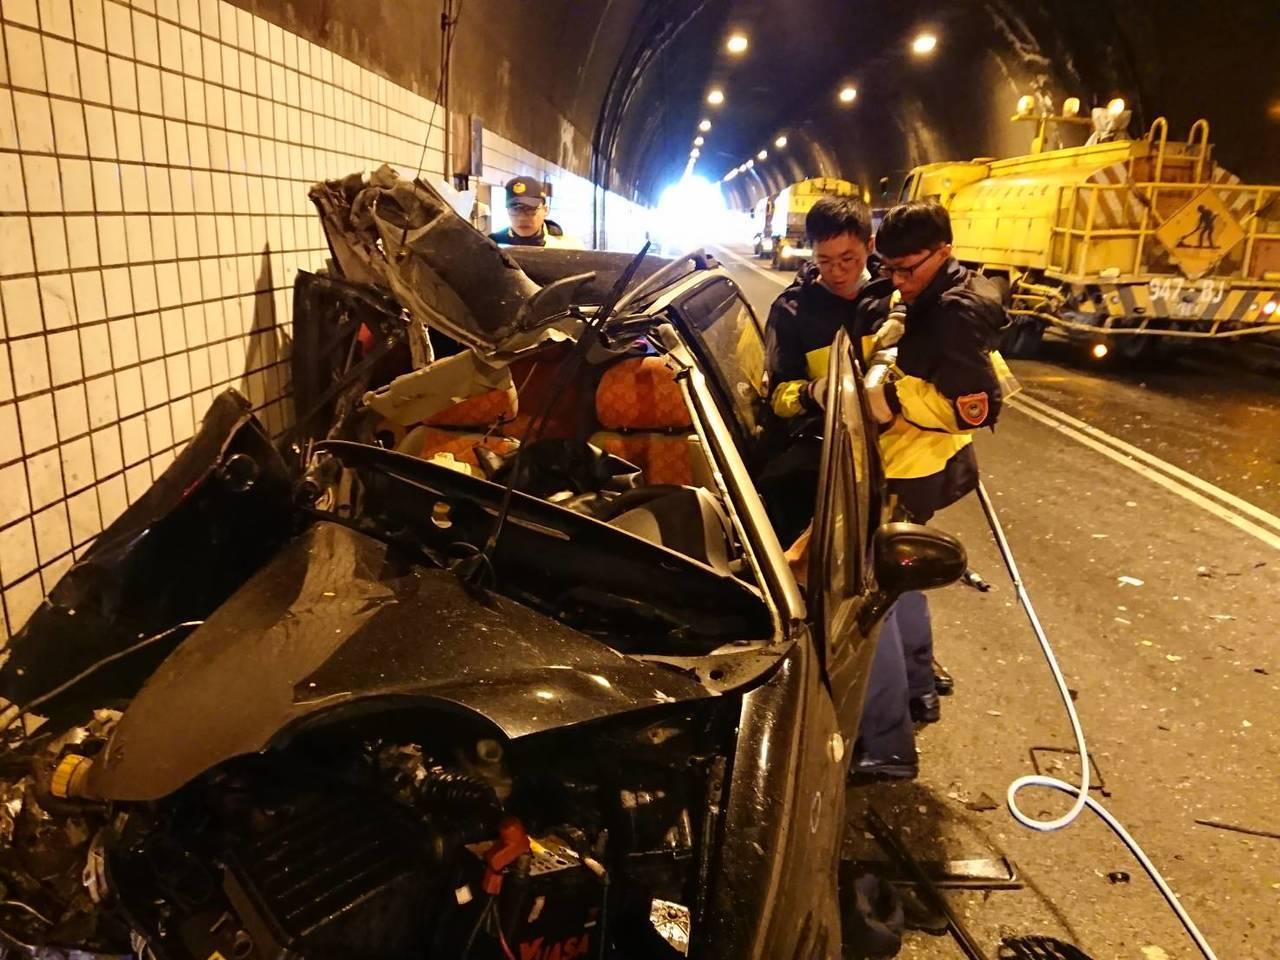 宜蘭縣消防局今天中午11點33分接獲民眾119報案,蘇澳鎮蘭陽第一隧道北上車道發...